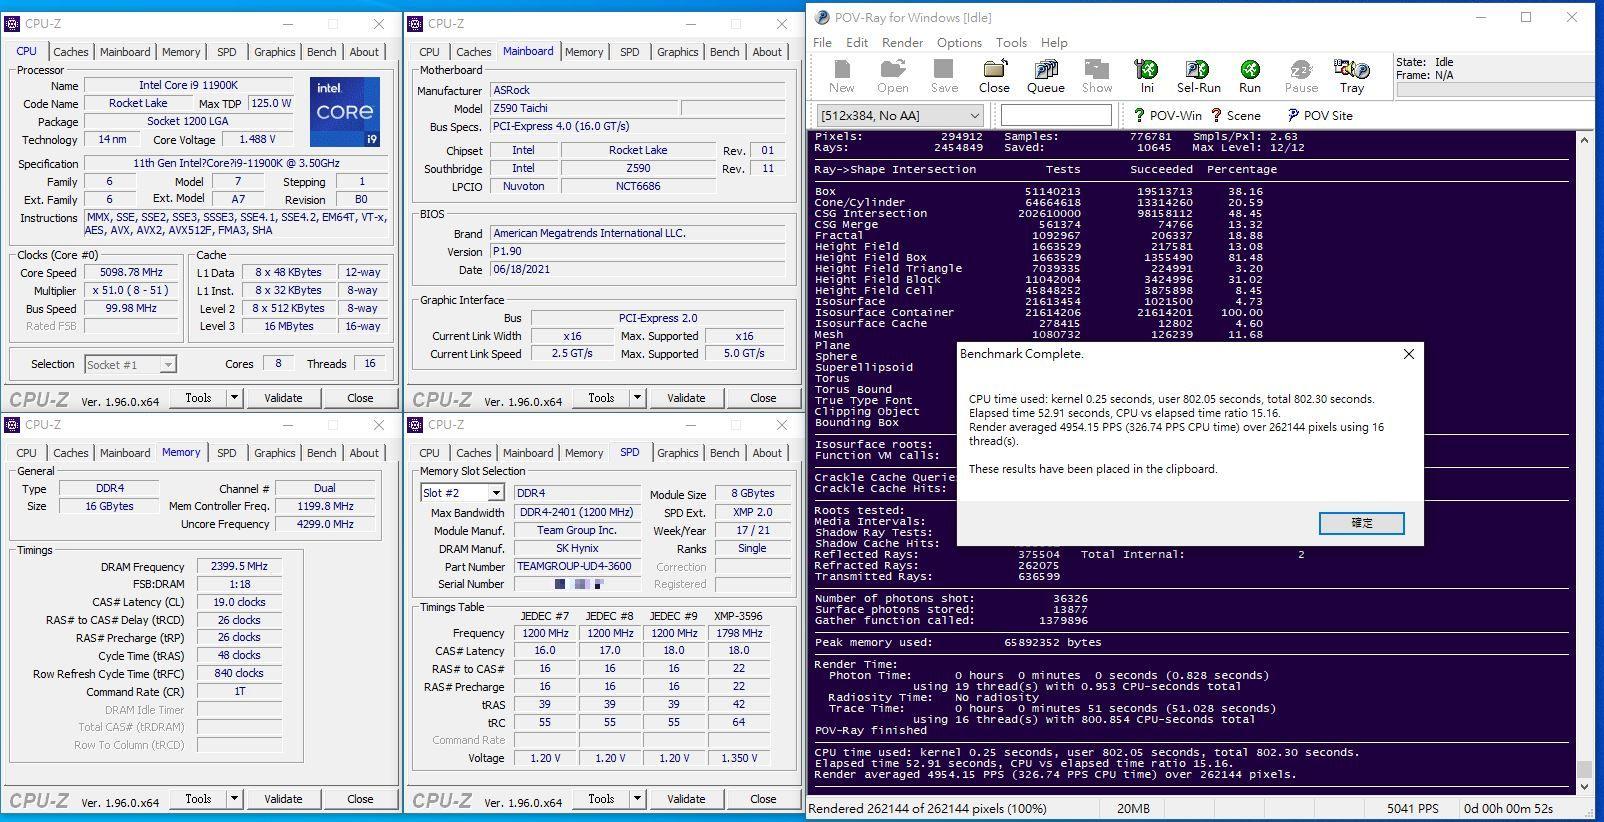 十銓T-FORCE XTREEM ARGB DDR4-3600 White Edition超頻記憶體-超美雪...9868